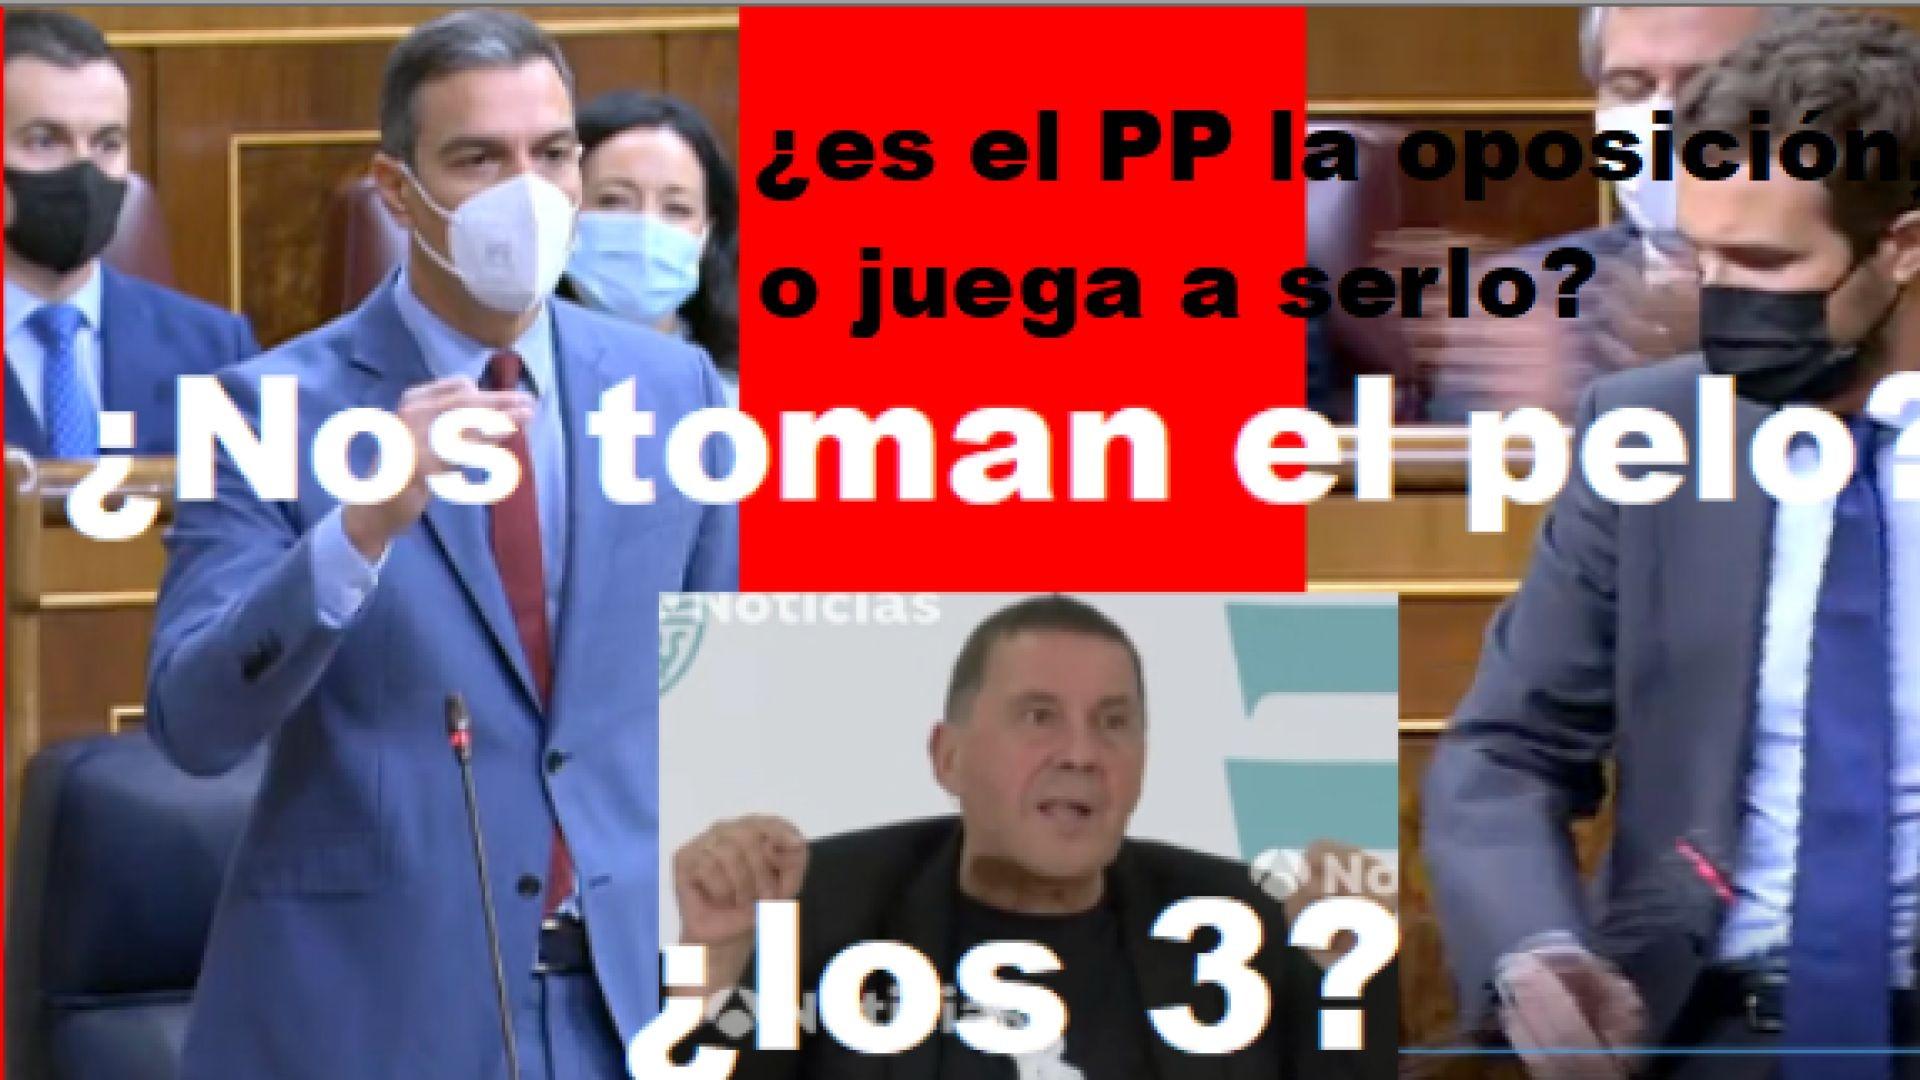 ¿Es el PP la oposición, o juega a serlo? ¿Nos toman el pelo? ¿Los 3? ¿2? ¿1?